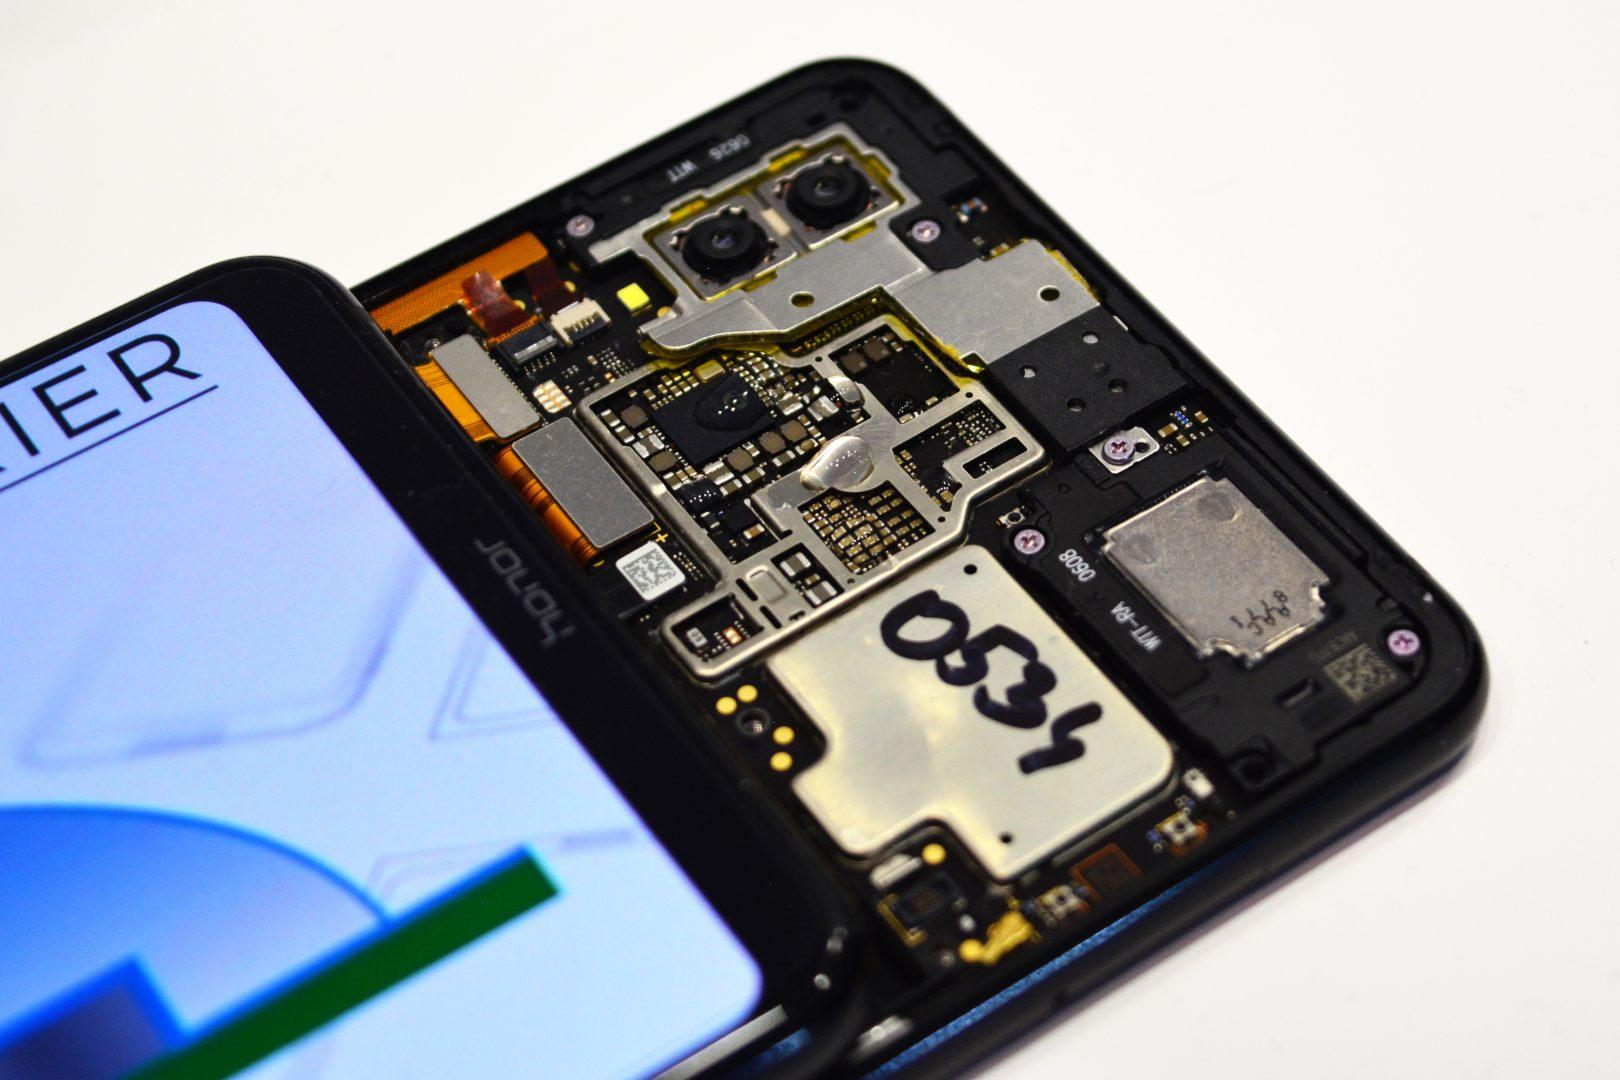 смартфоните Не опитвайте това вкъщи със своя смартфон (видео) А1 Блог